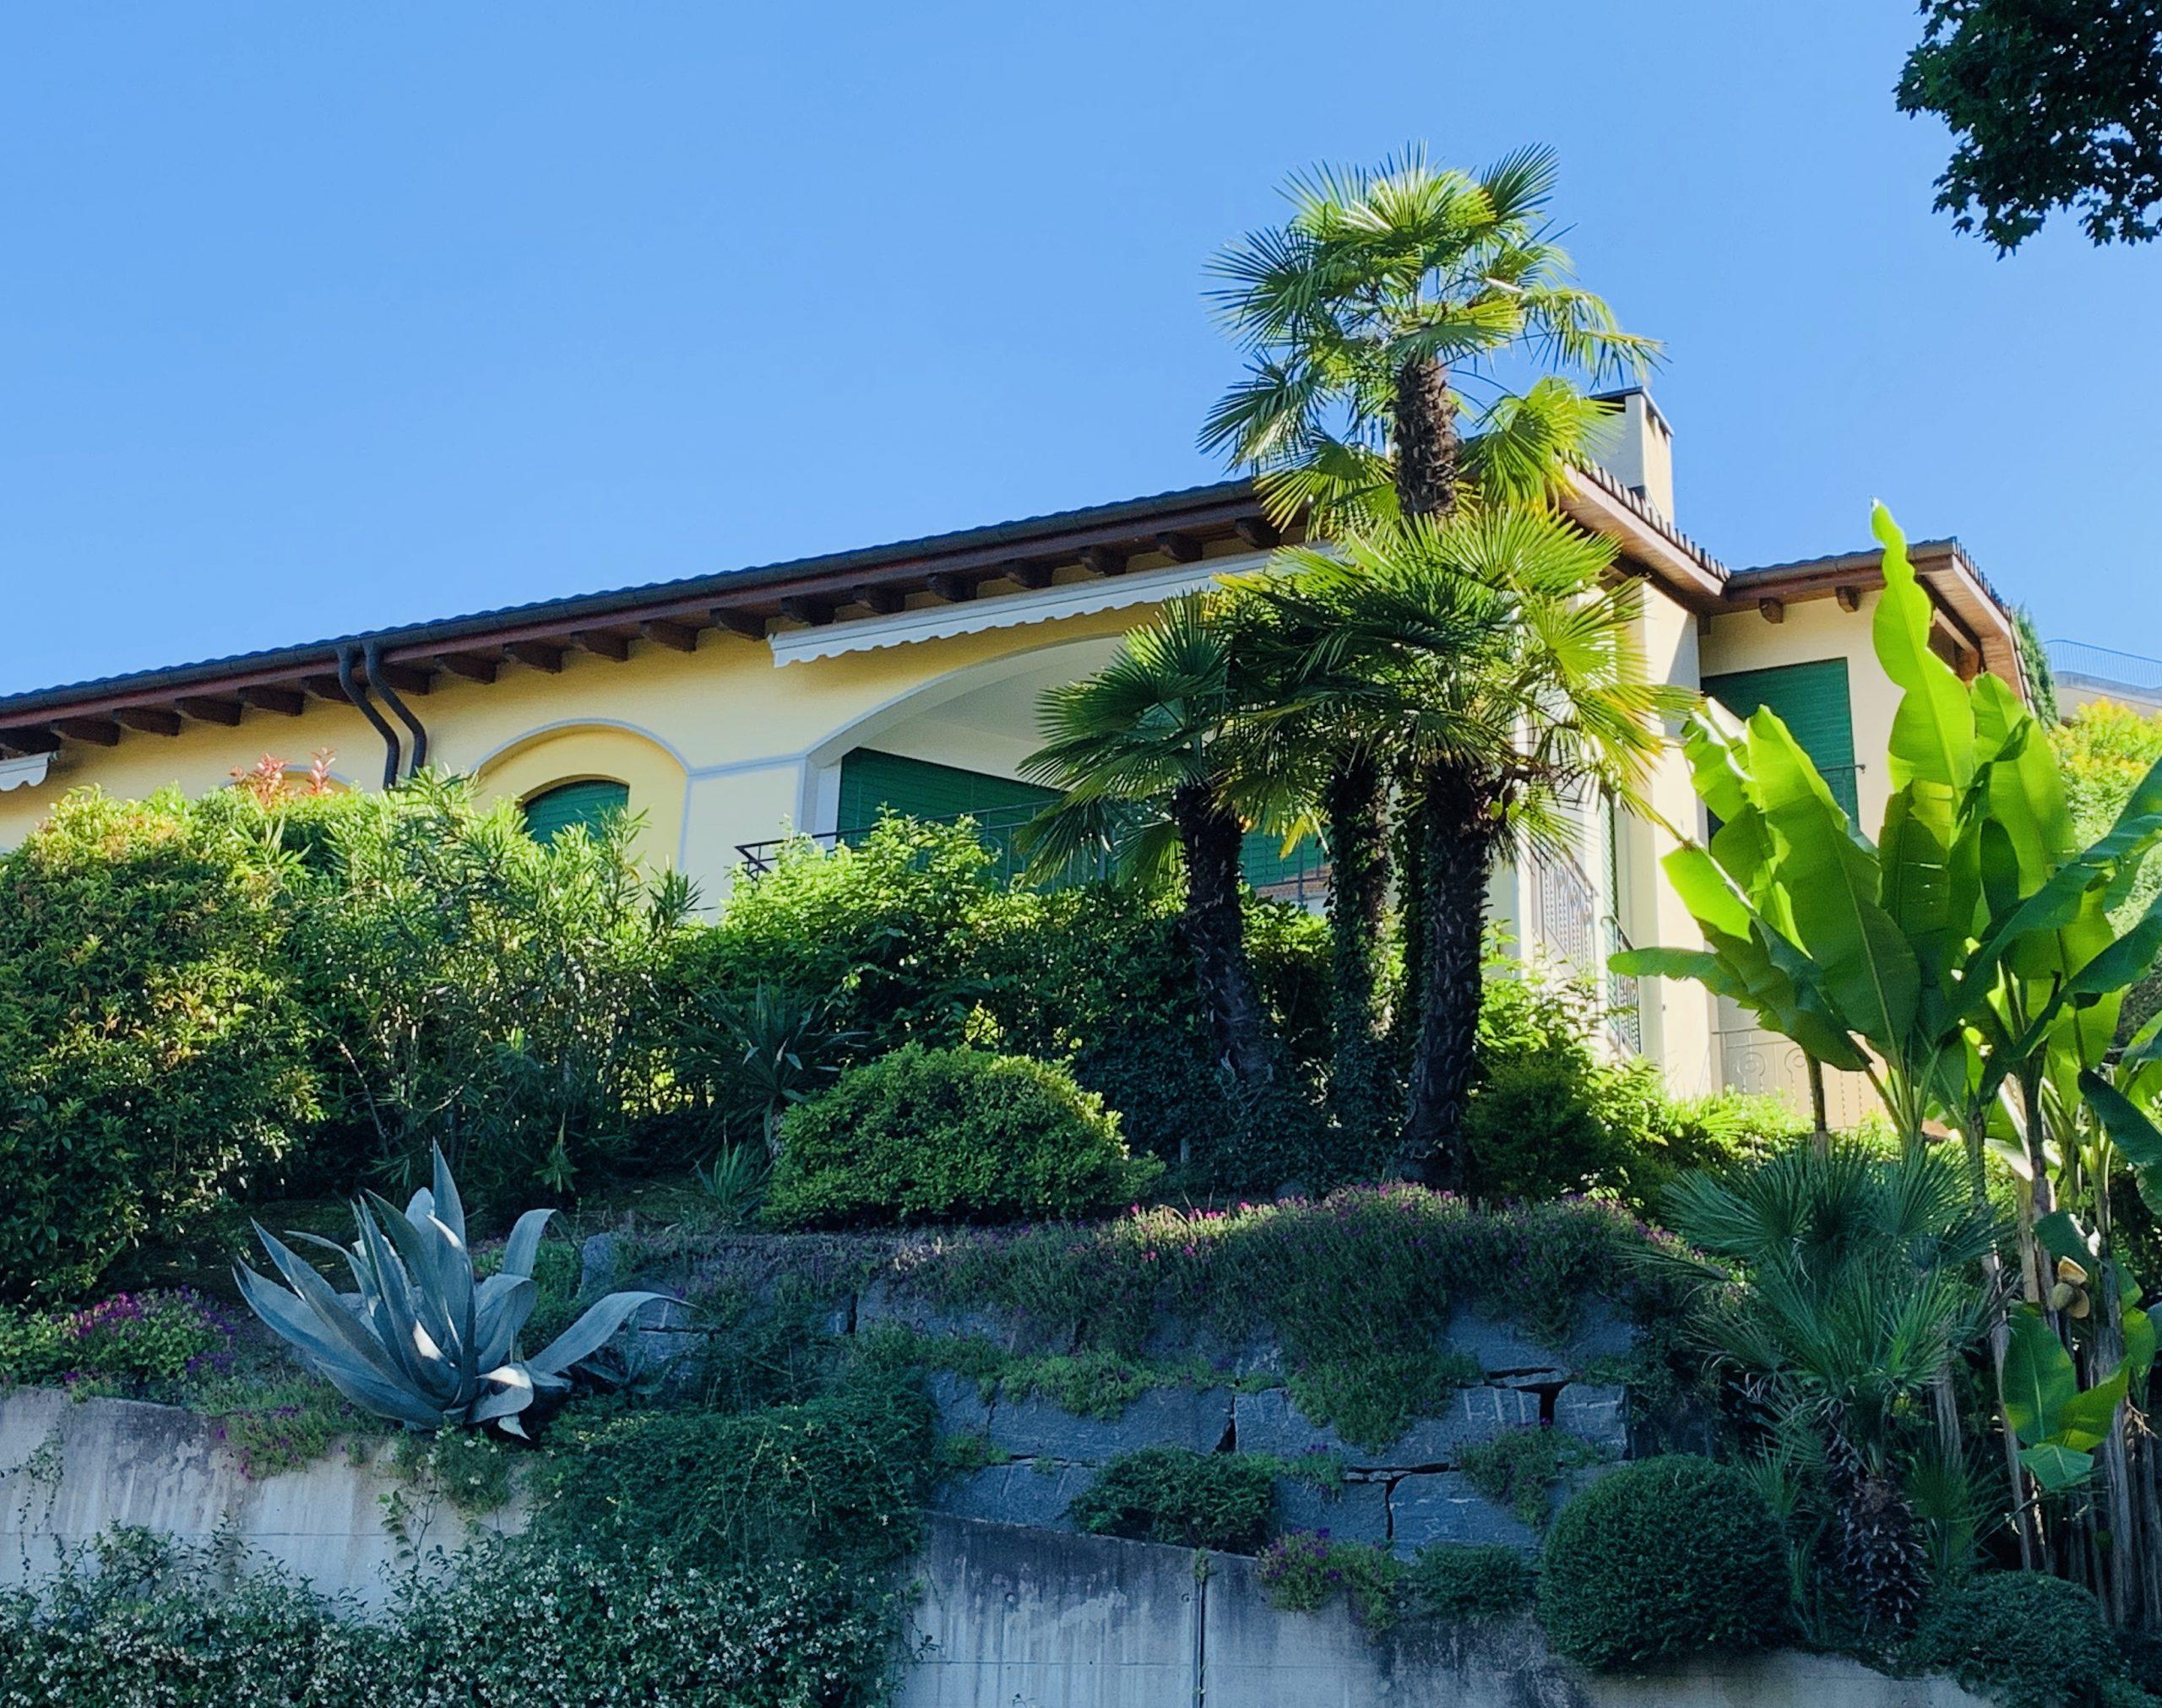 LUGANO – Bellissimo attico mansardato, in zona residenziale e tranquilla con stupenda vista sul golfo di Lugano, terrazze e piccolo giardino privato.